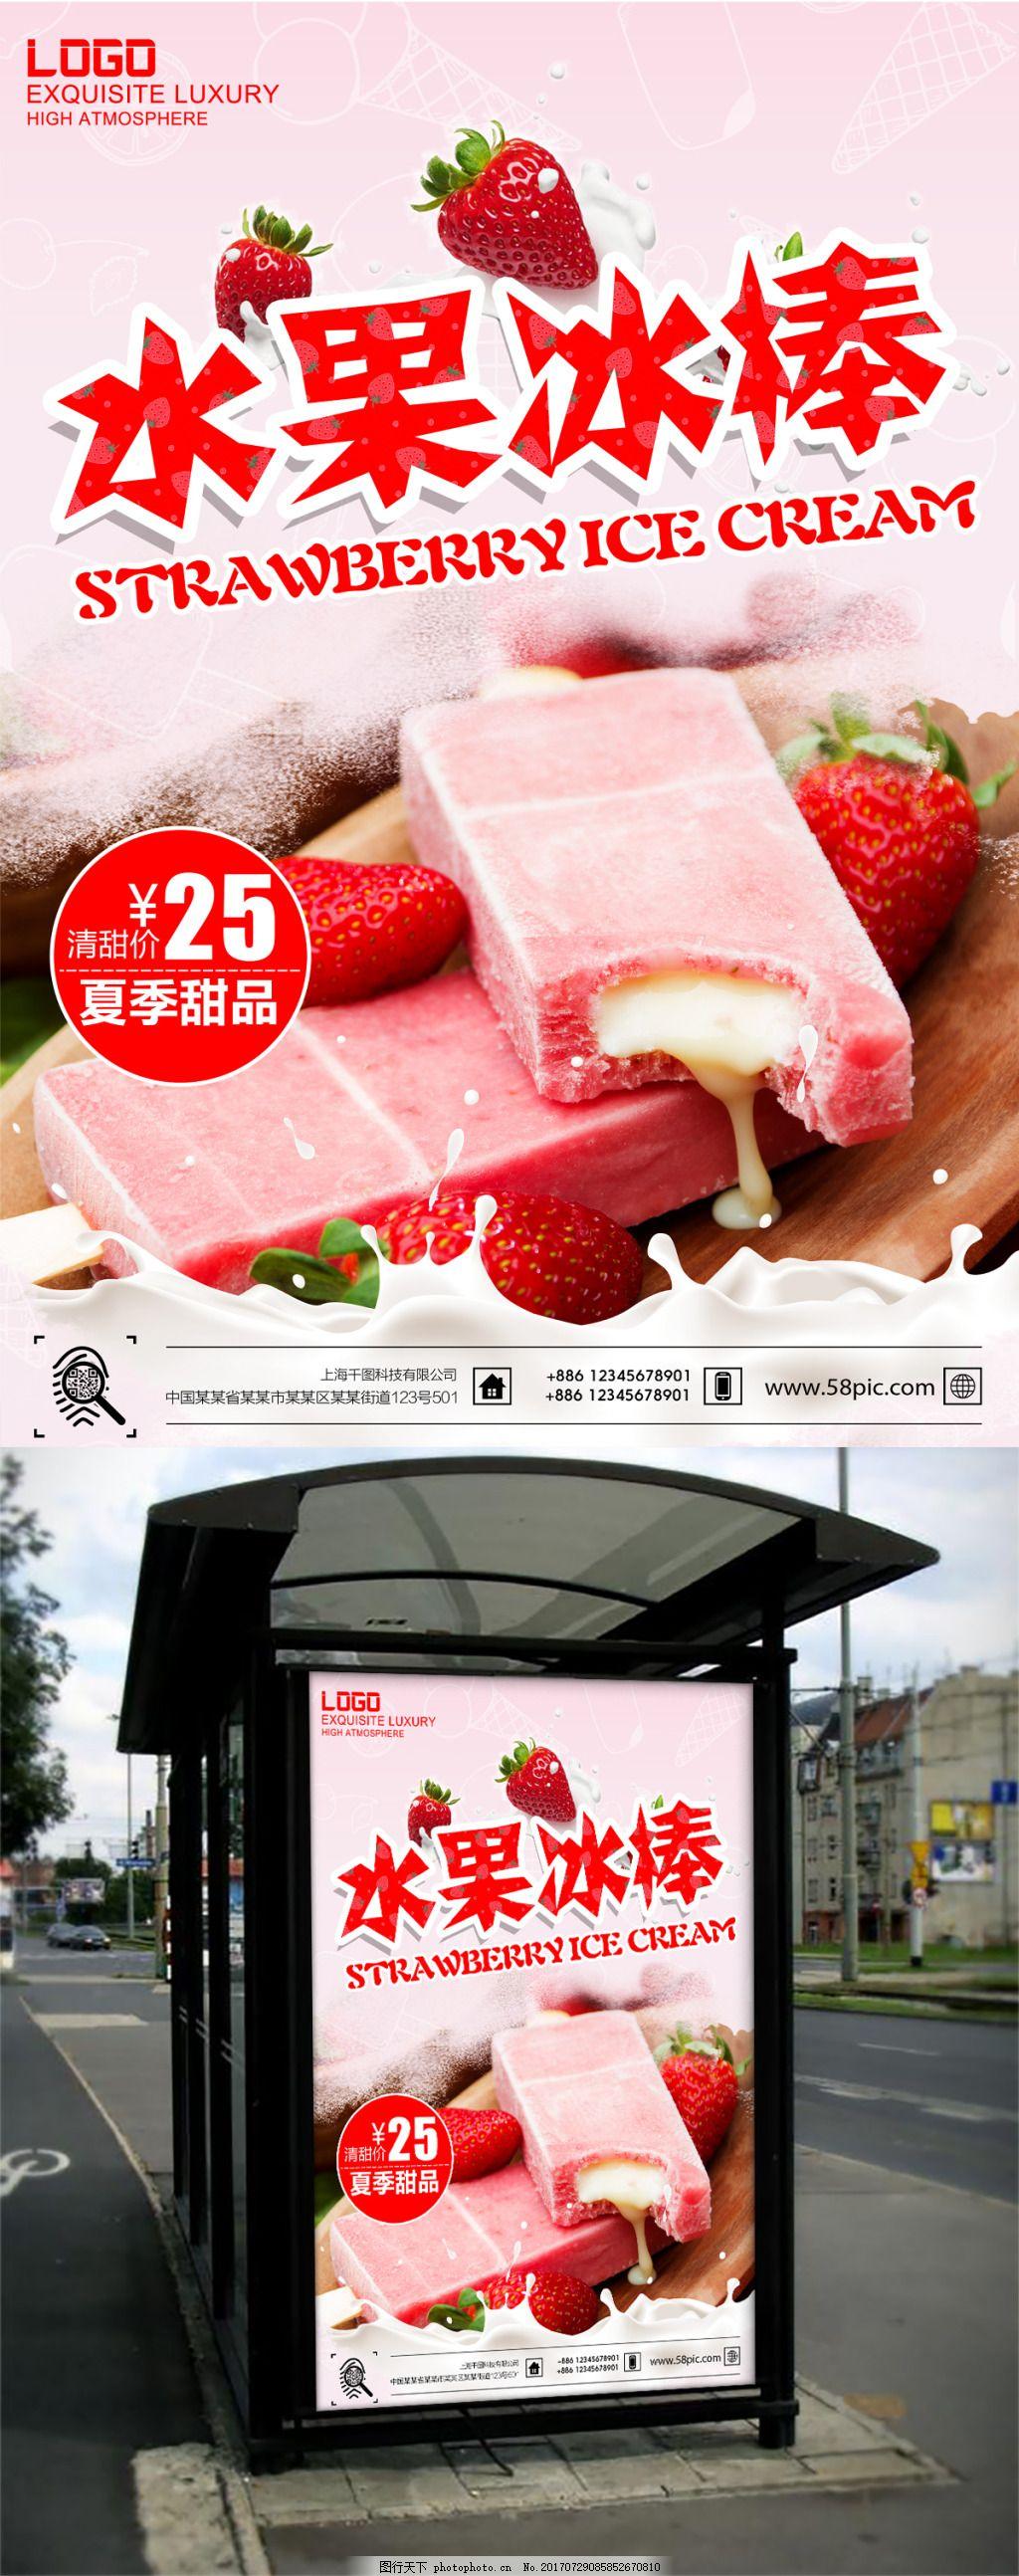 粉色调夏季草莓水果冰棍促销海报 冰棒 冰淇淋 冰激凌 甜点 甜品